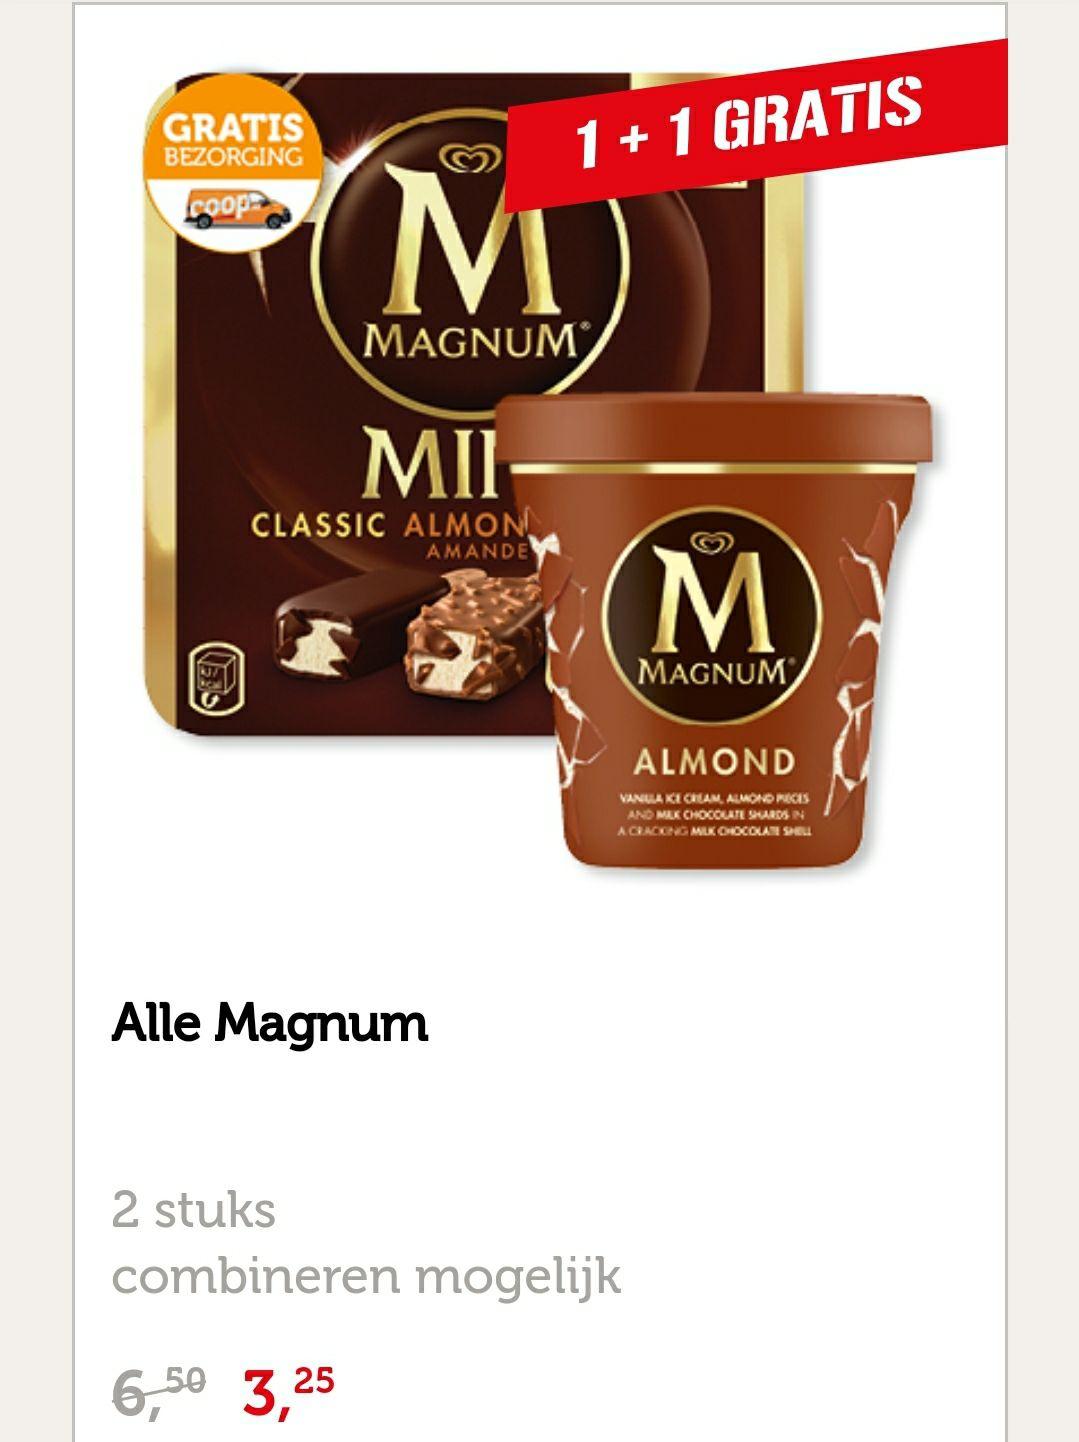 1 + 1 gratis op Magnum ijs @ Coop